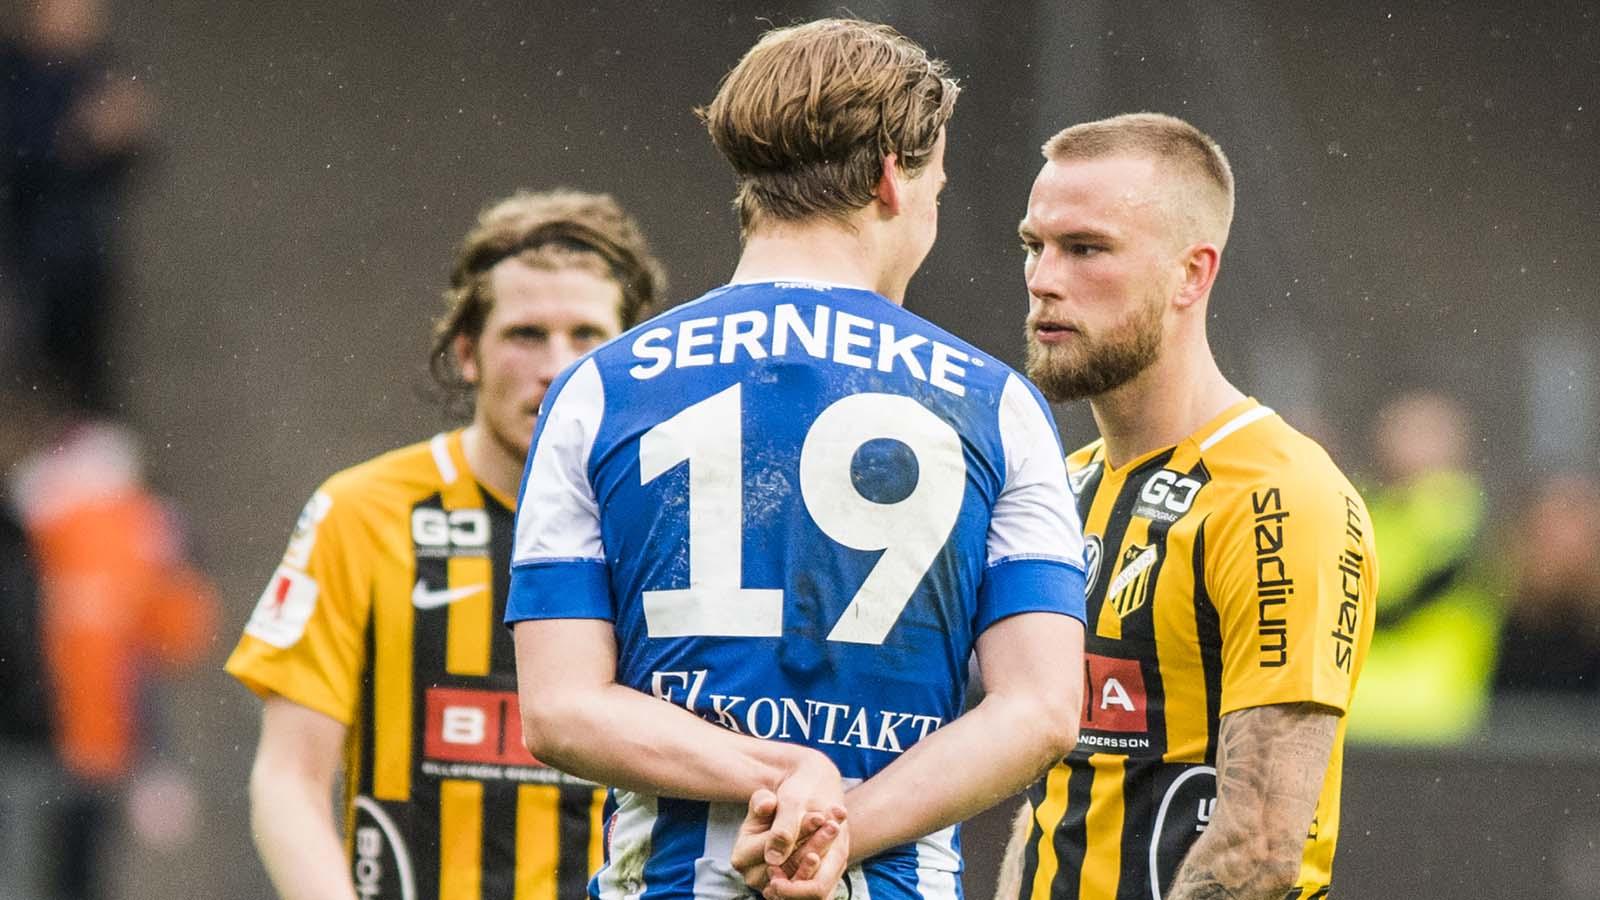 180428 IFK Göteborgs August Erlingmark och Häckens Alexander Faltsetas efter fotbollsmatchen i allsvenskan mellan IFK Göteborg och Häcken den 28 april 2018 i Göteborg. Foto: Mathias Bergeld / BILDBYRÅN / Cop 200